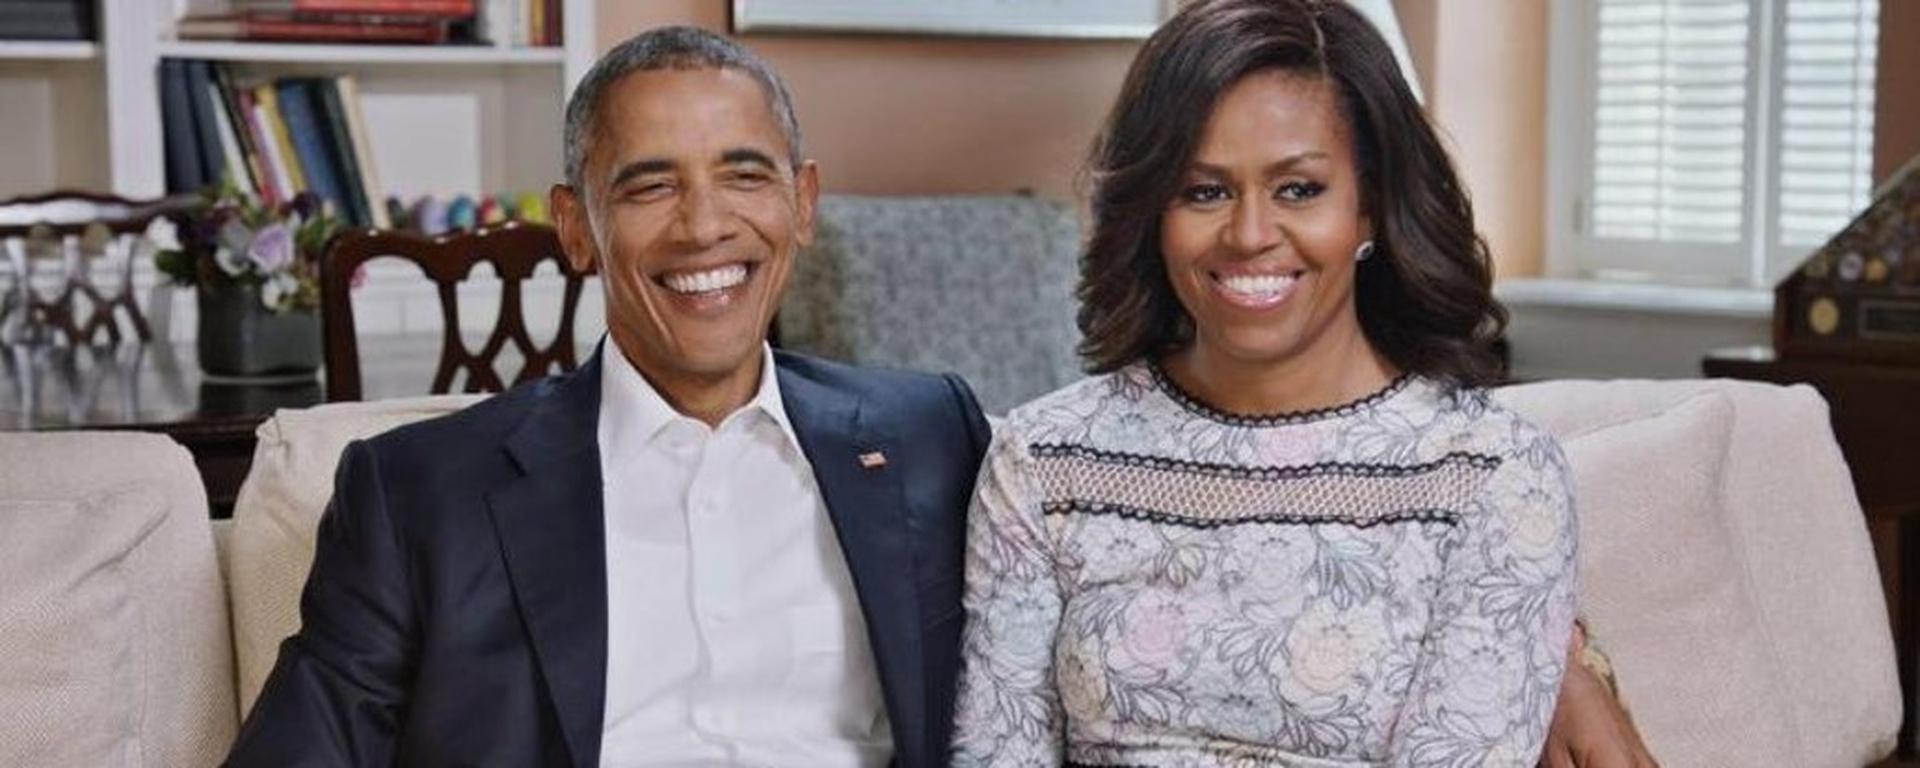 Obama Foundation - Obama Foundation Scholars Movemeback African initiative cover image